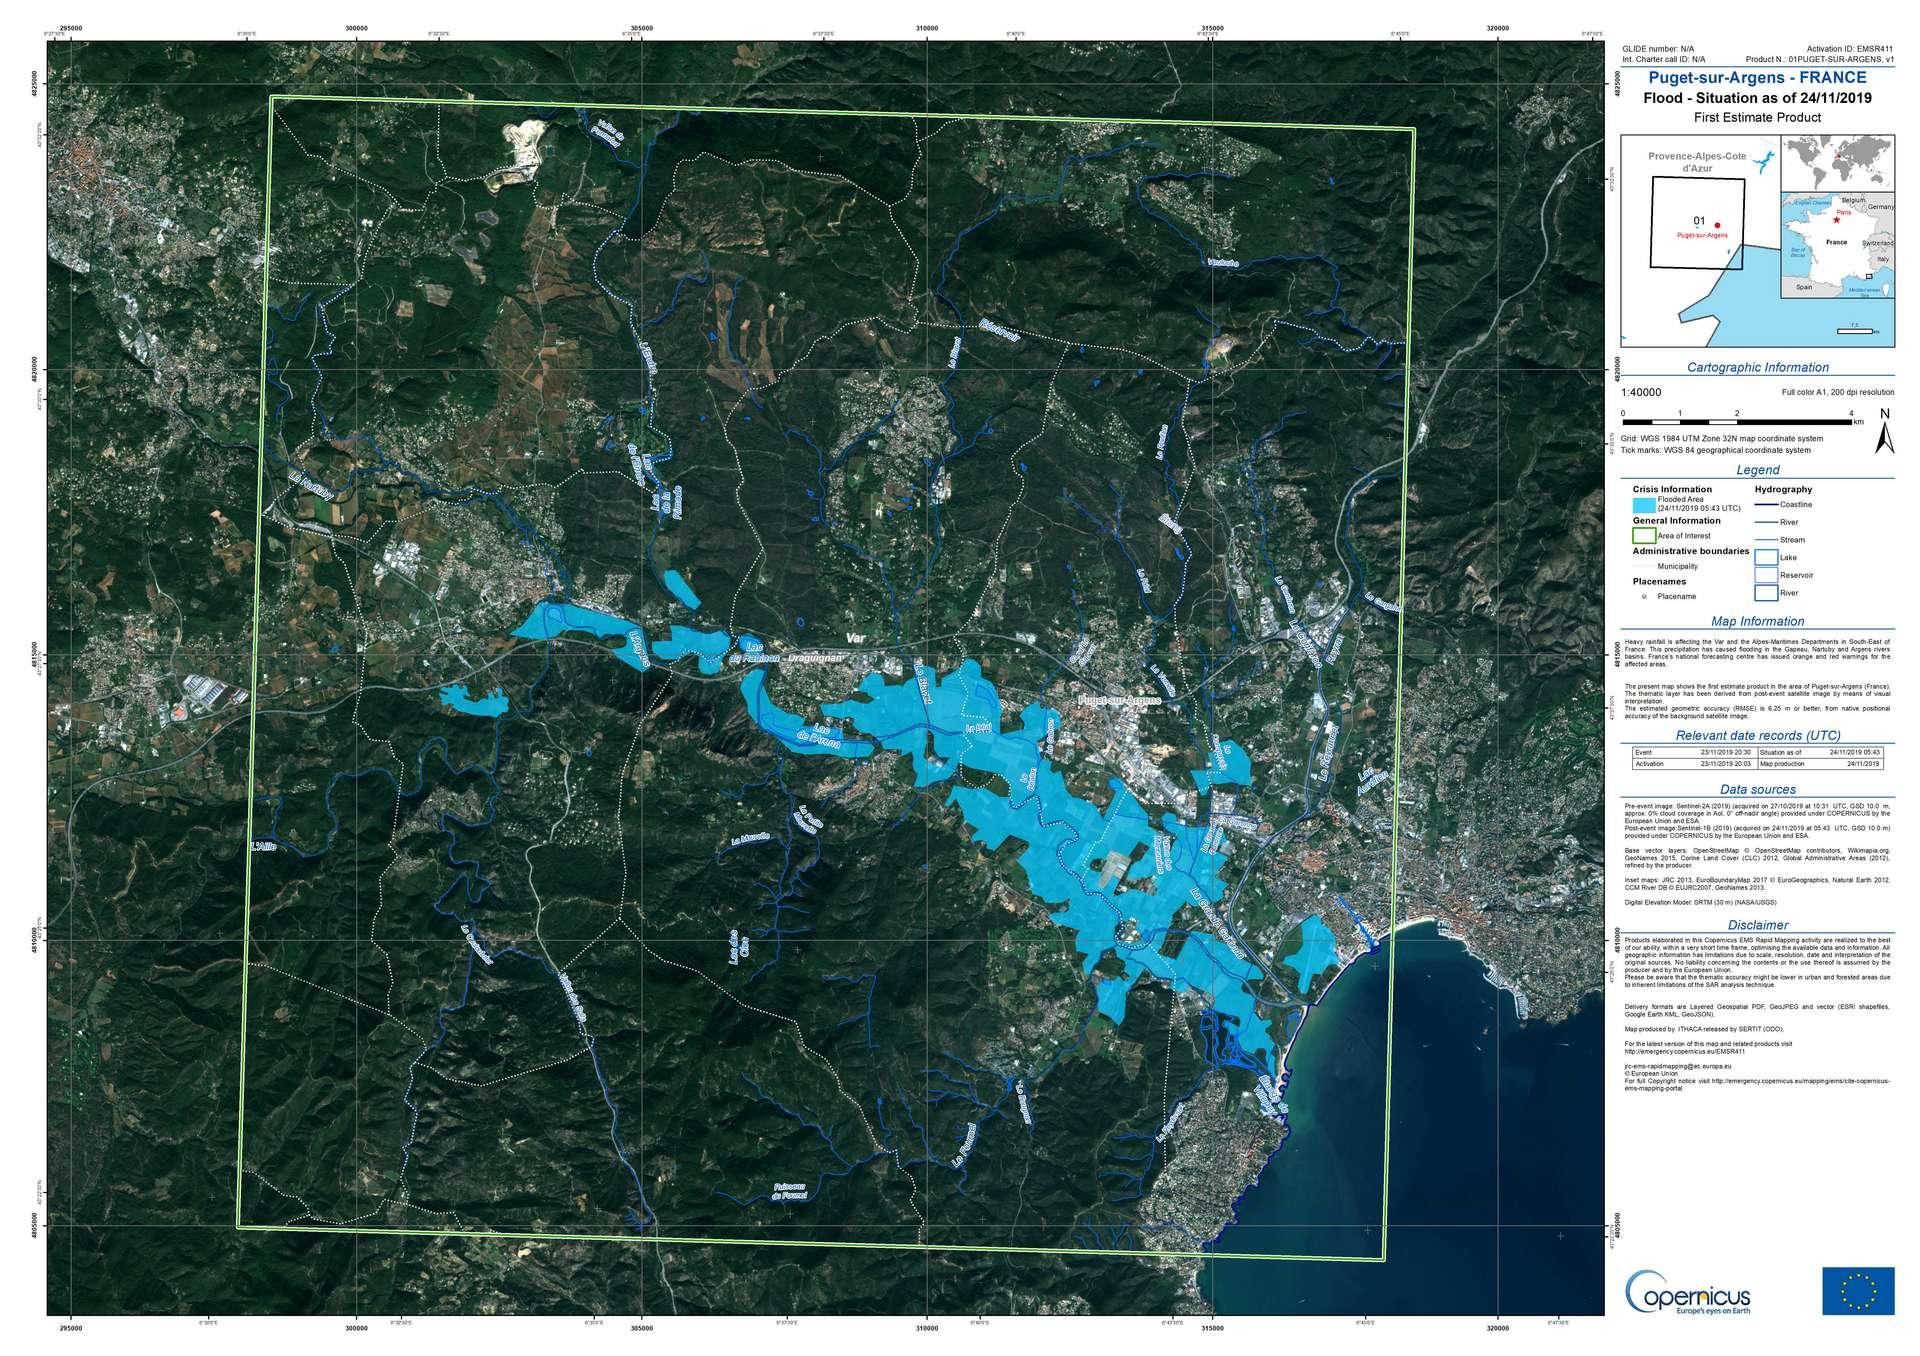 La carte des zones inondées le 24 novembre 2019. Les communes situées le long de l'Argens ont été particulièrement touchées. © Copernicus, ESA